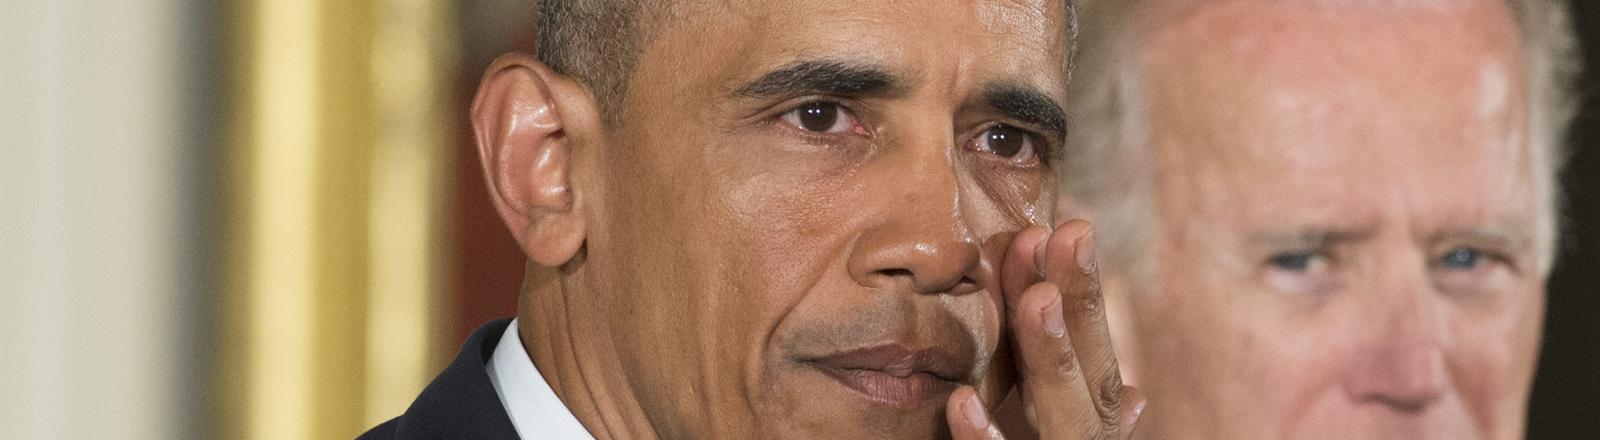 Barack Obama wischt sich eine Träne weg